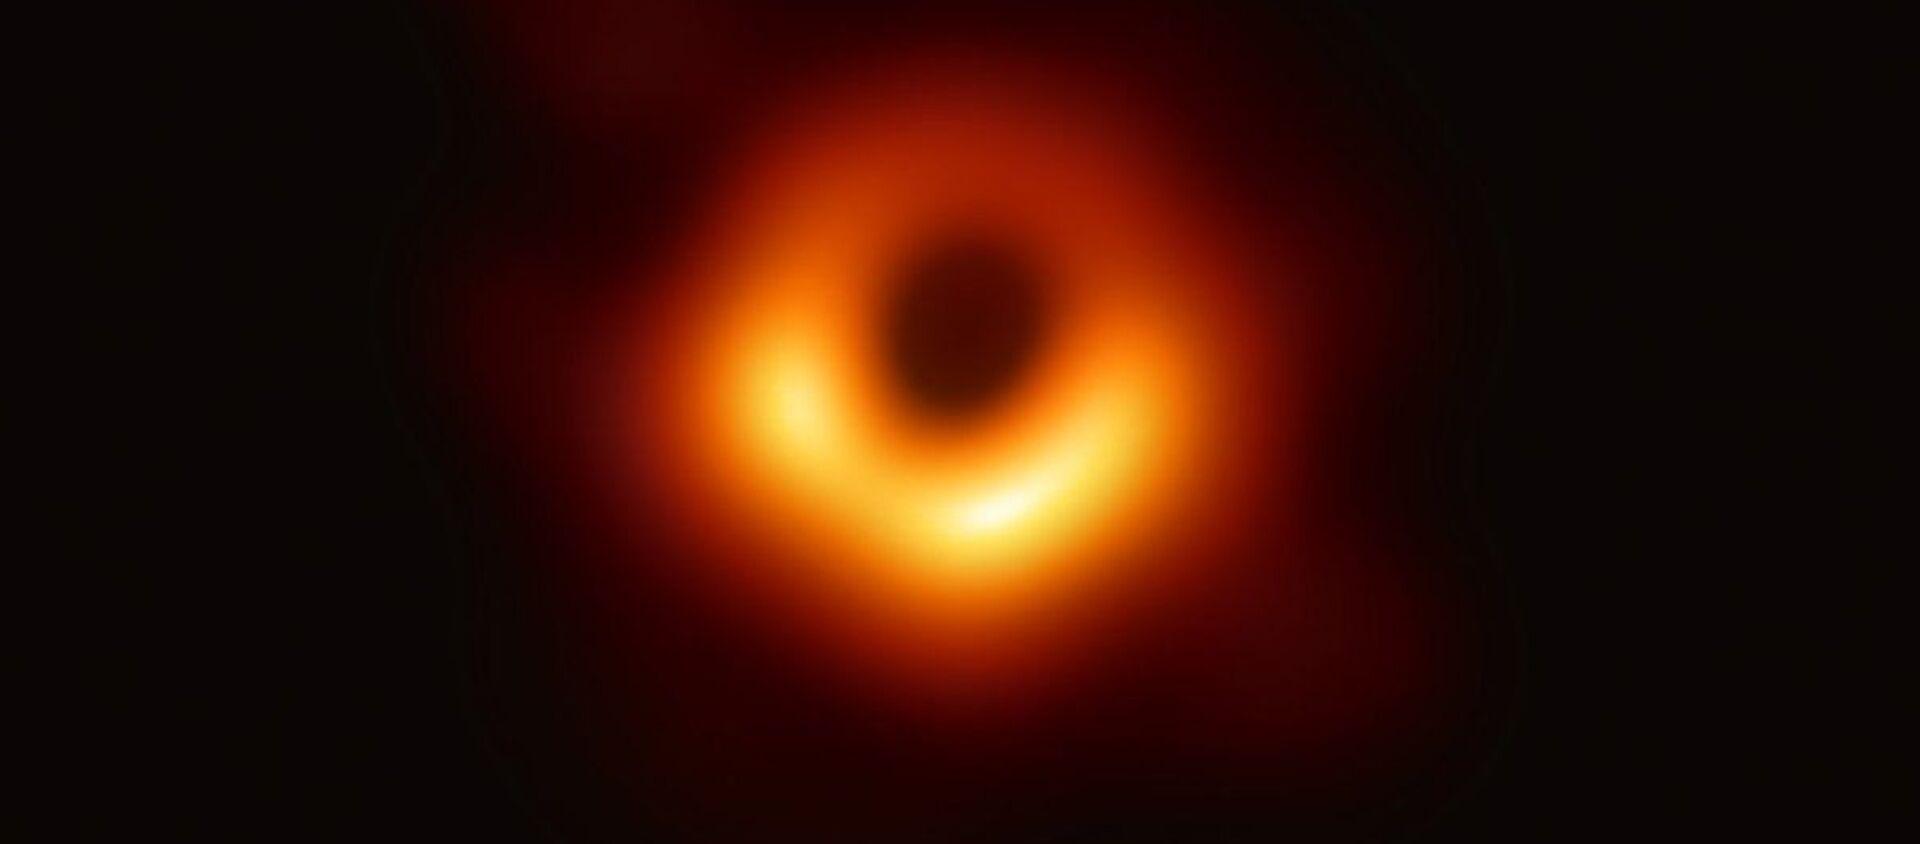 Pubblicata la primissima FOTO di un buco nero - Sputnik Italia, 1920, 19.02.2021